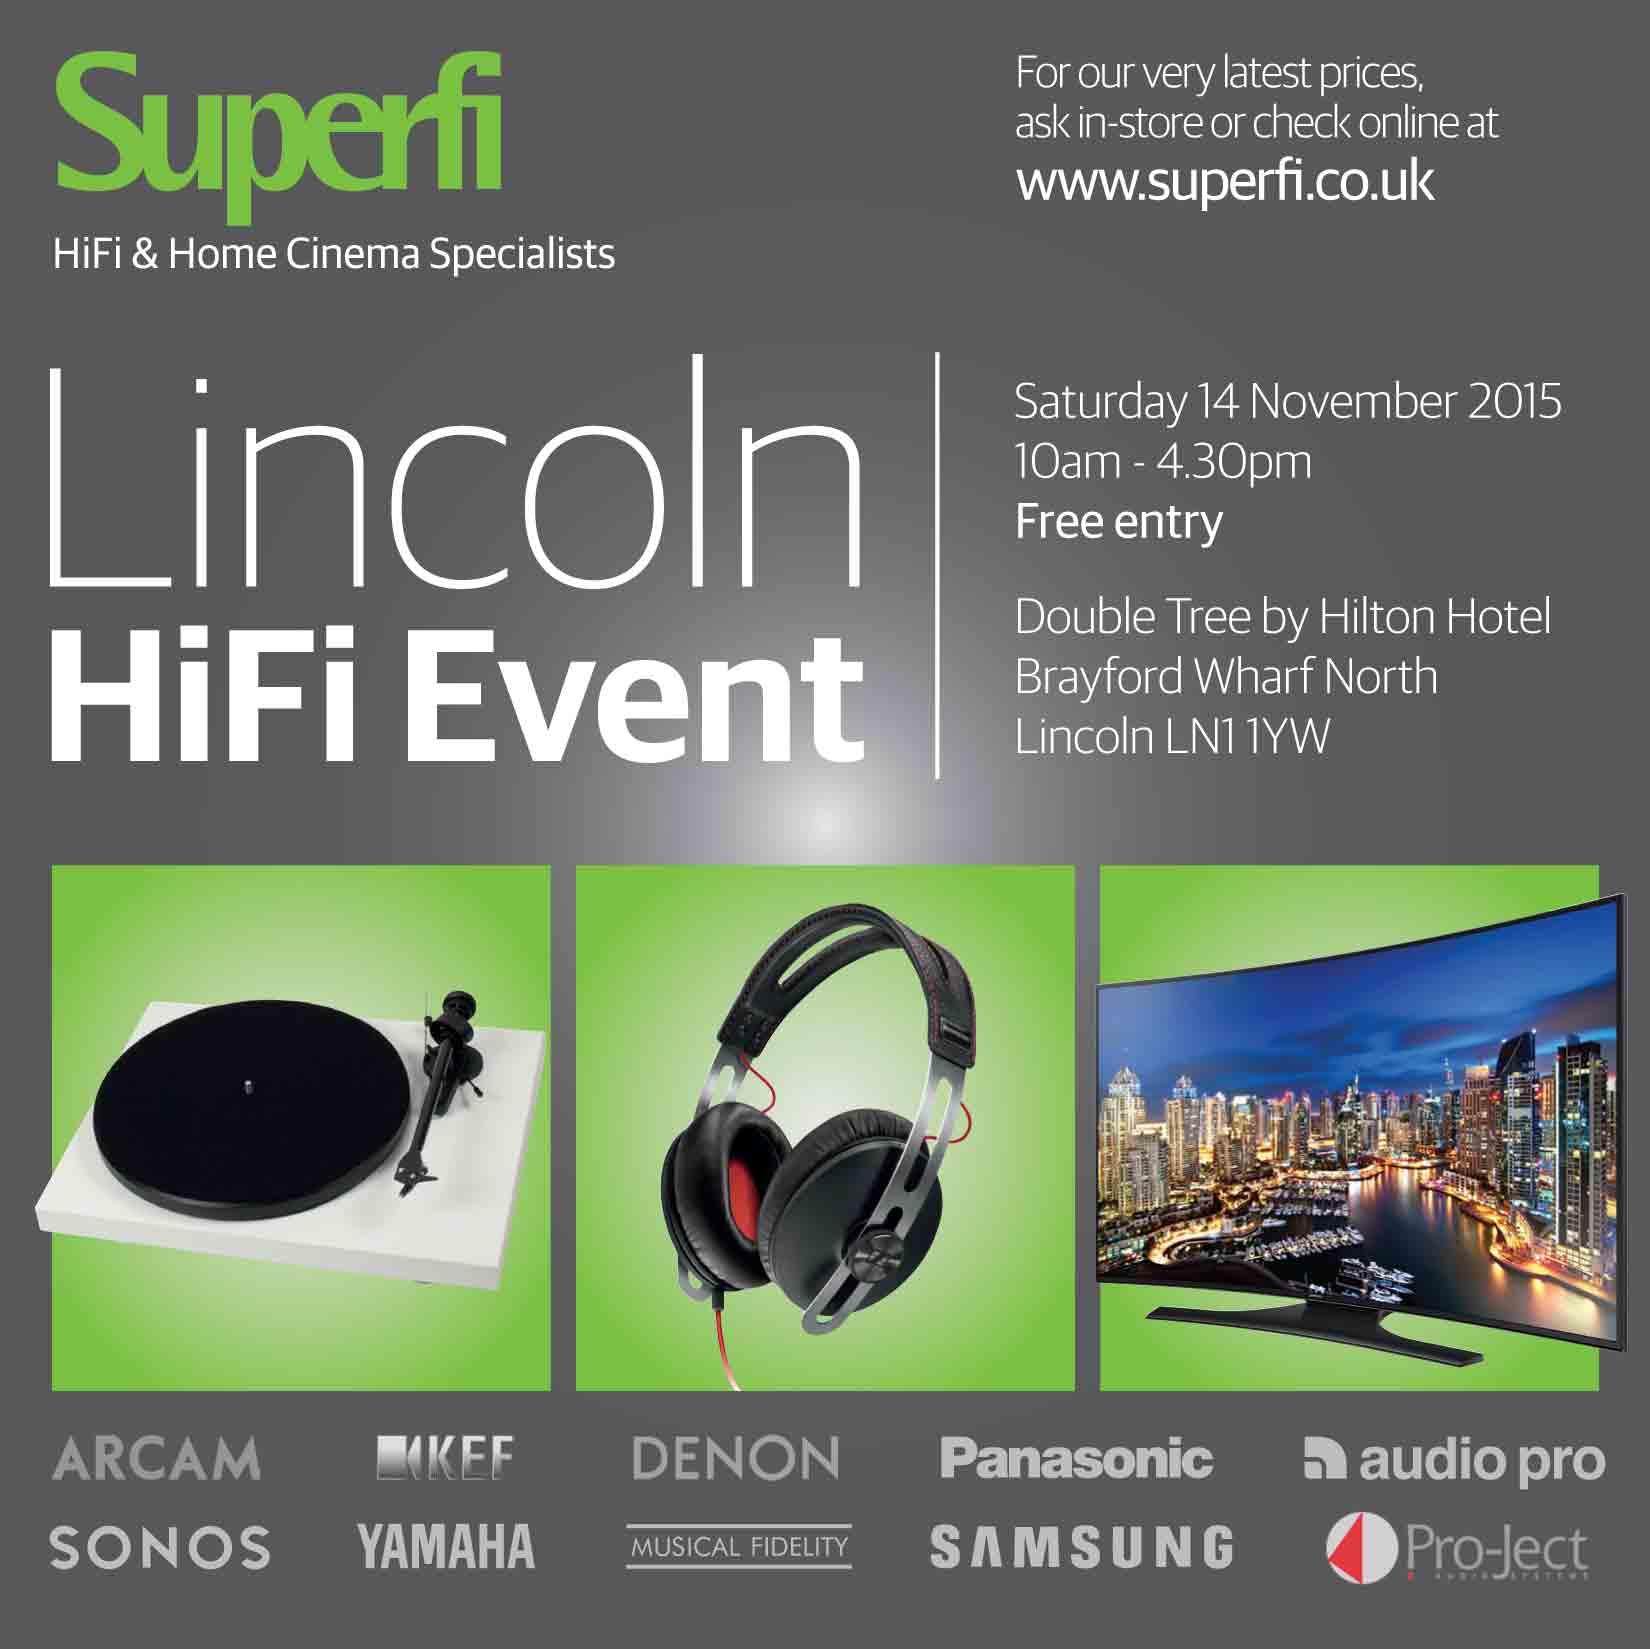 Lincoln HiFi Event